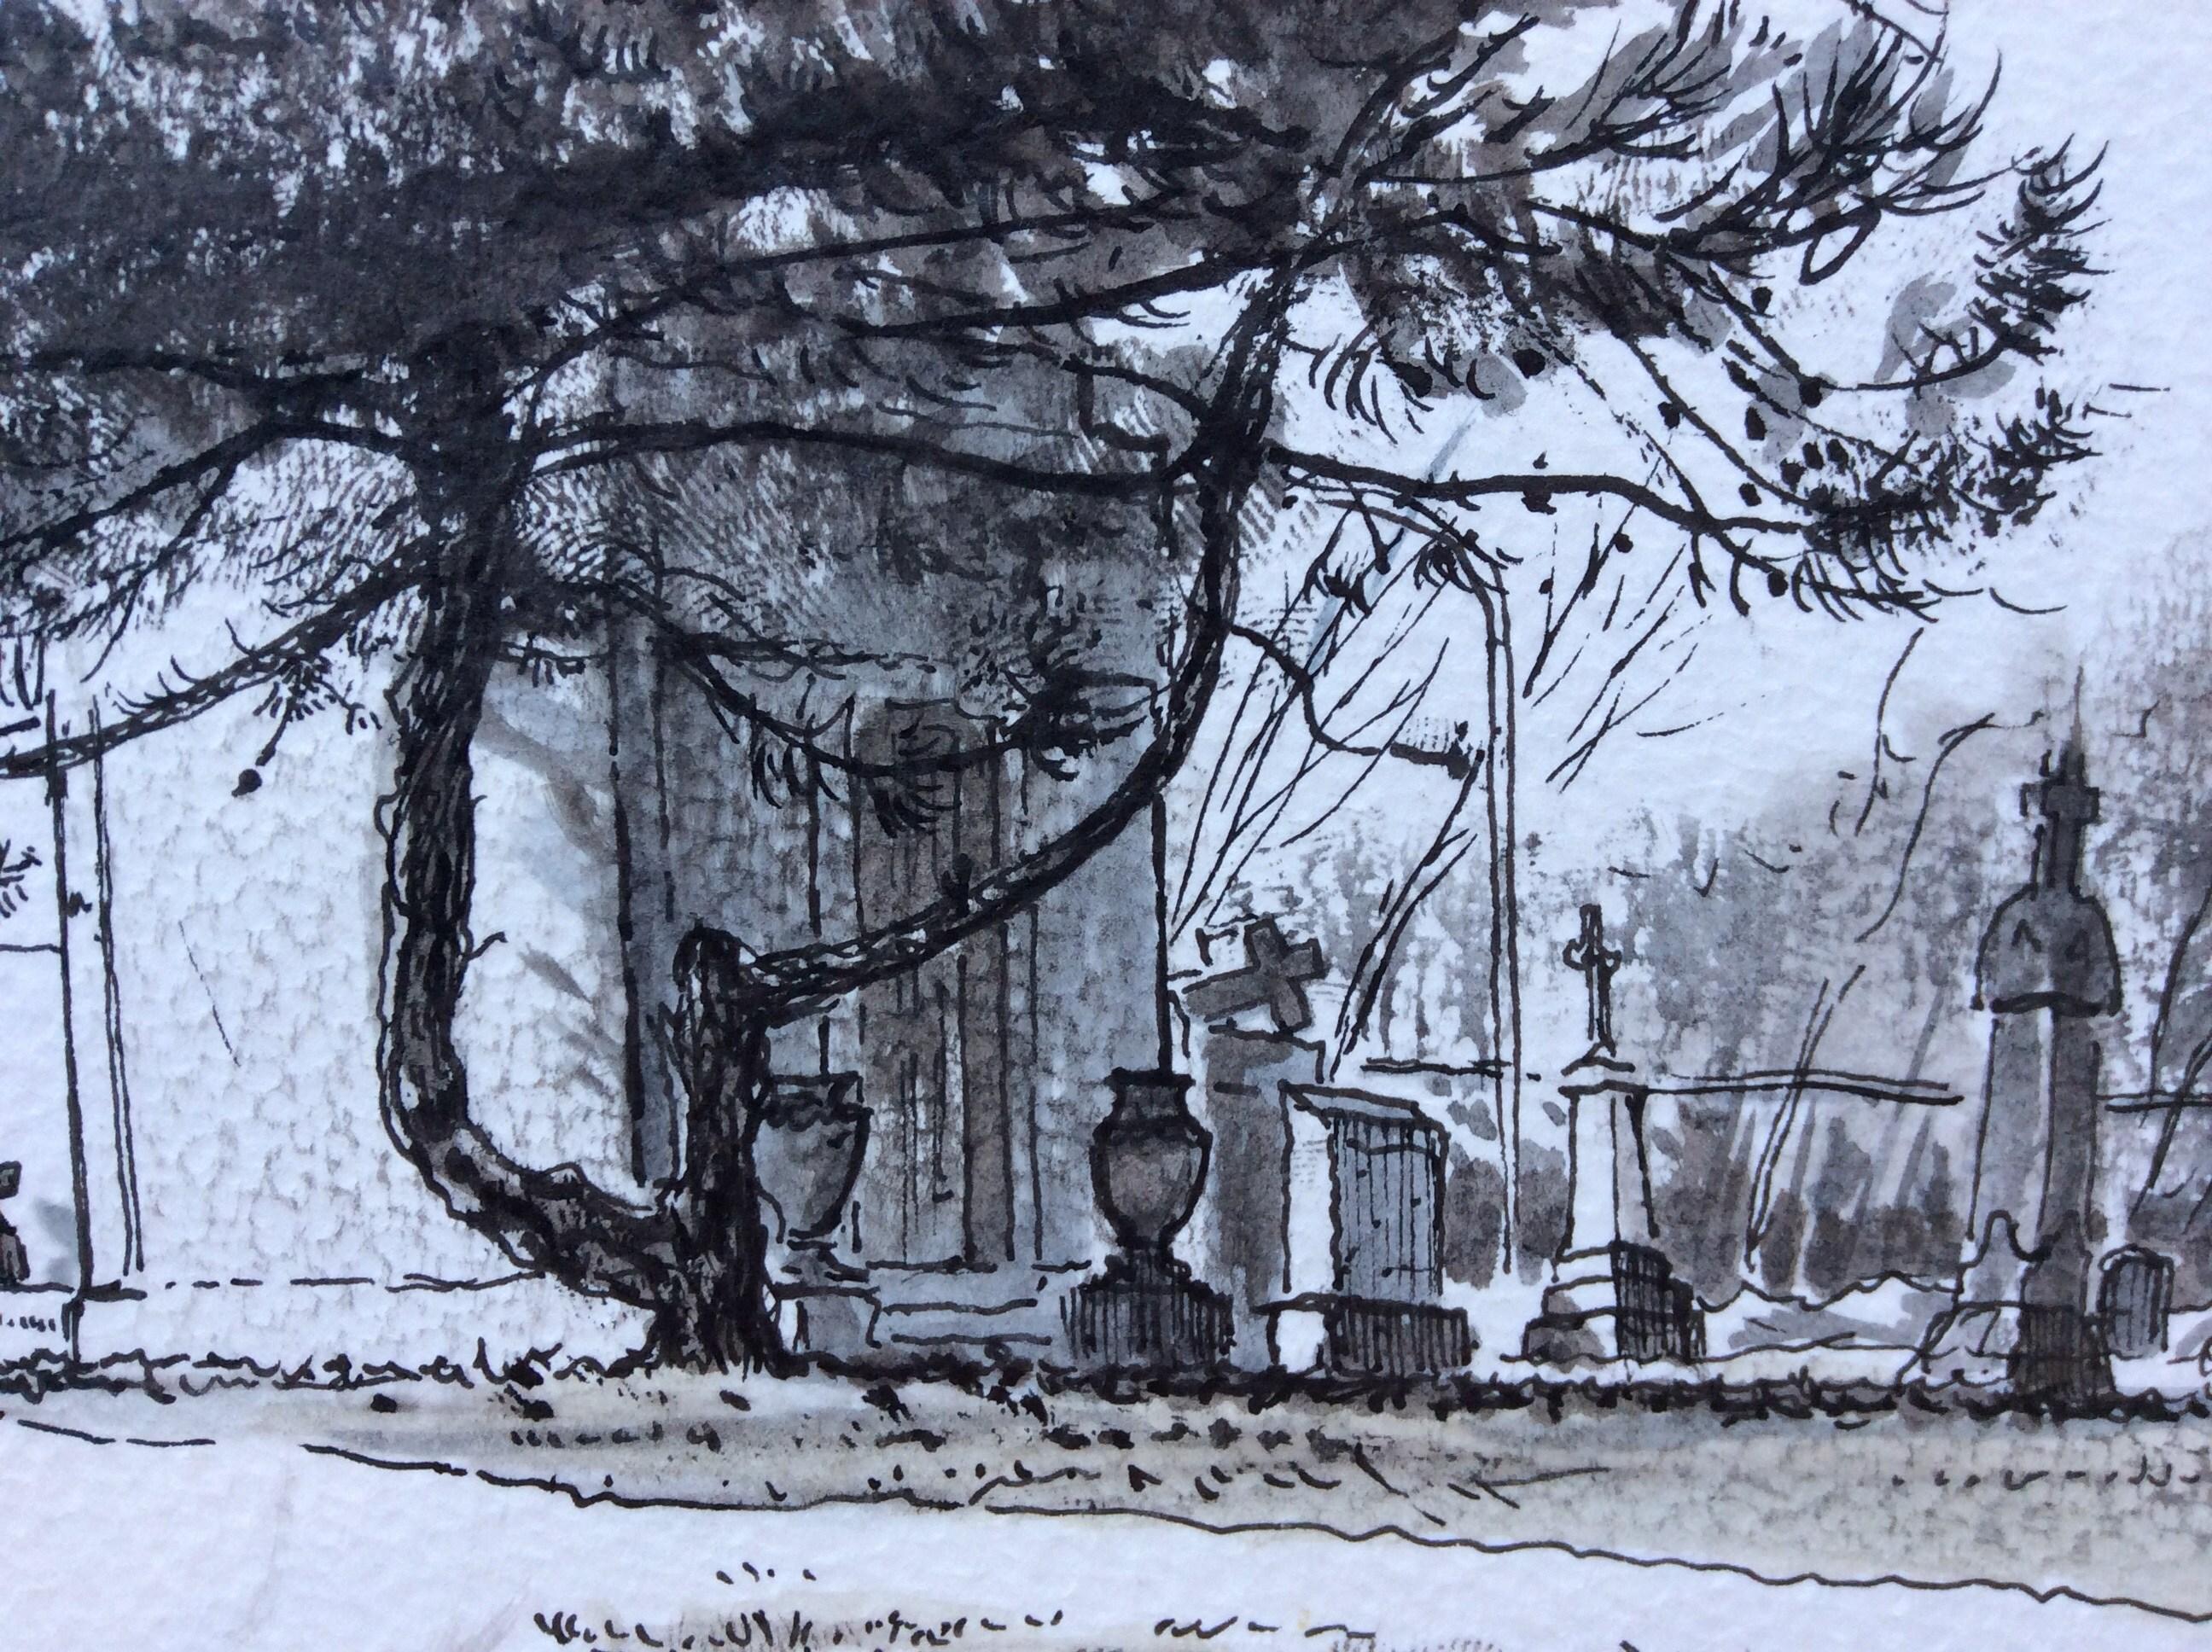 2592x1936 Cemetery Drawings Buttnekkiddoodles